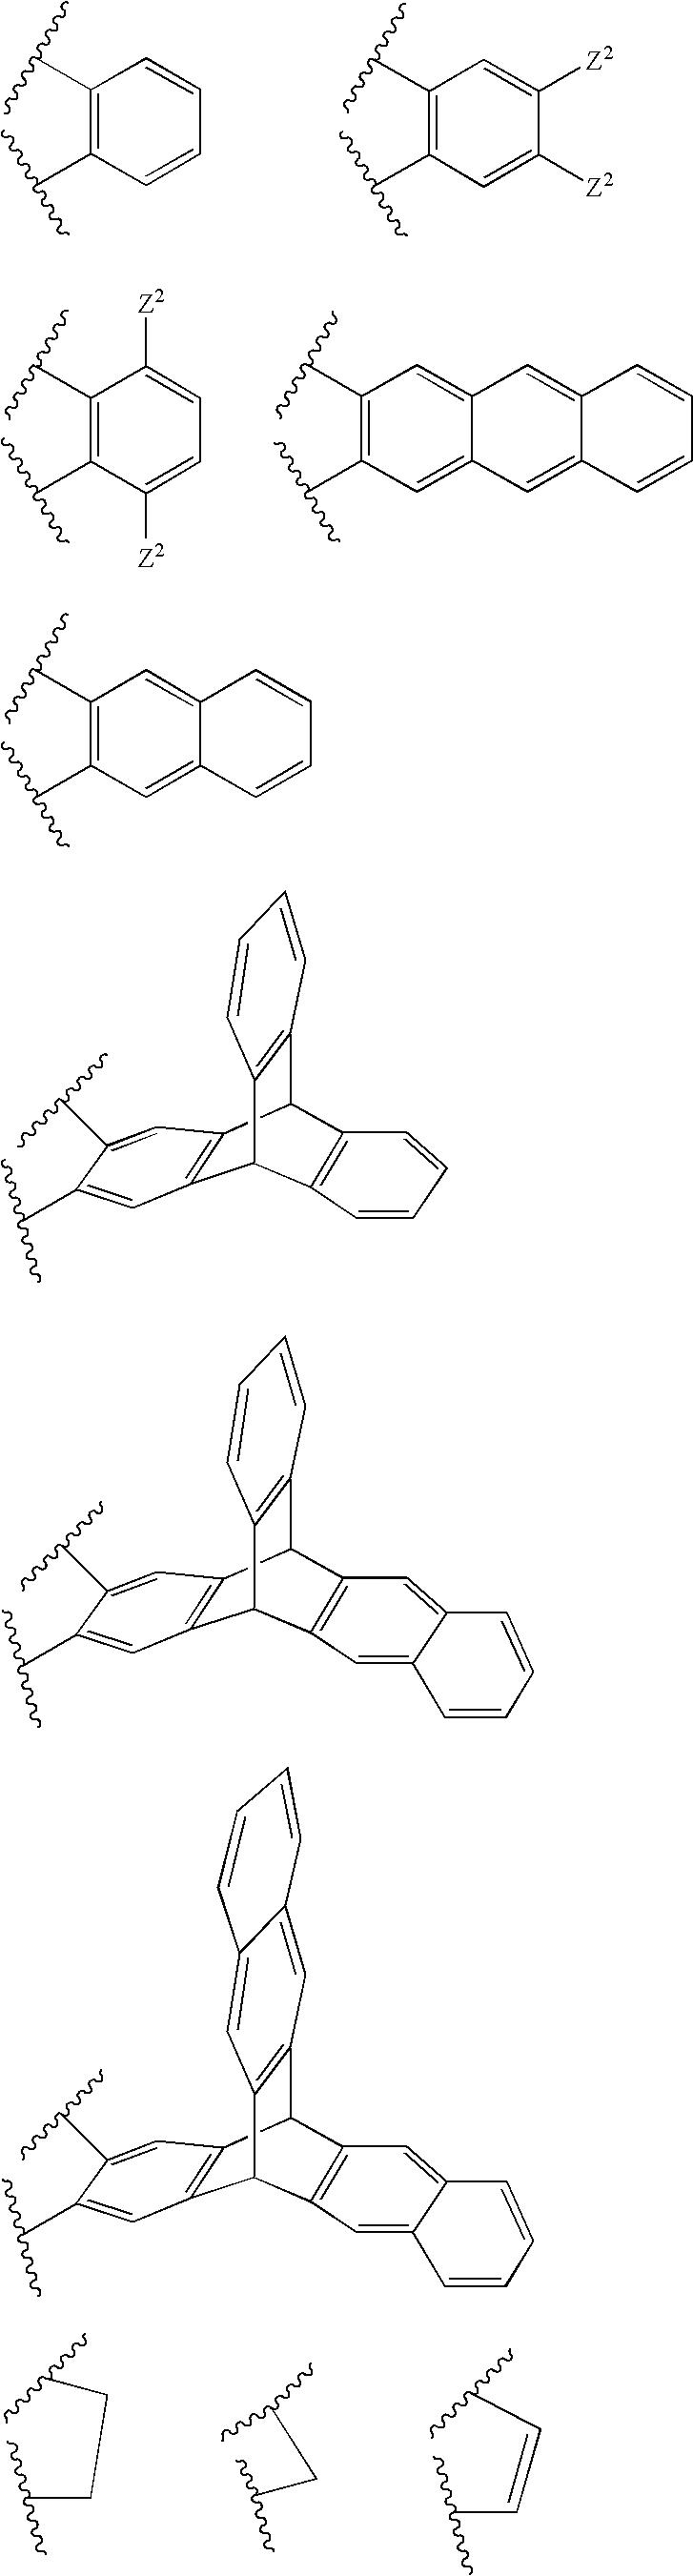 Figure US20040170775A1-20040902-C00002